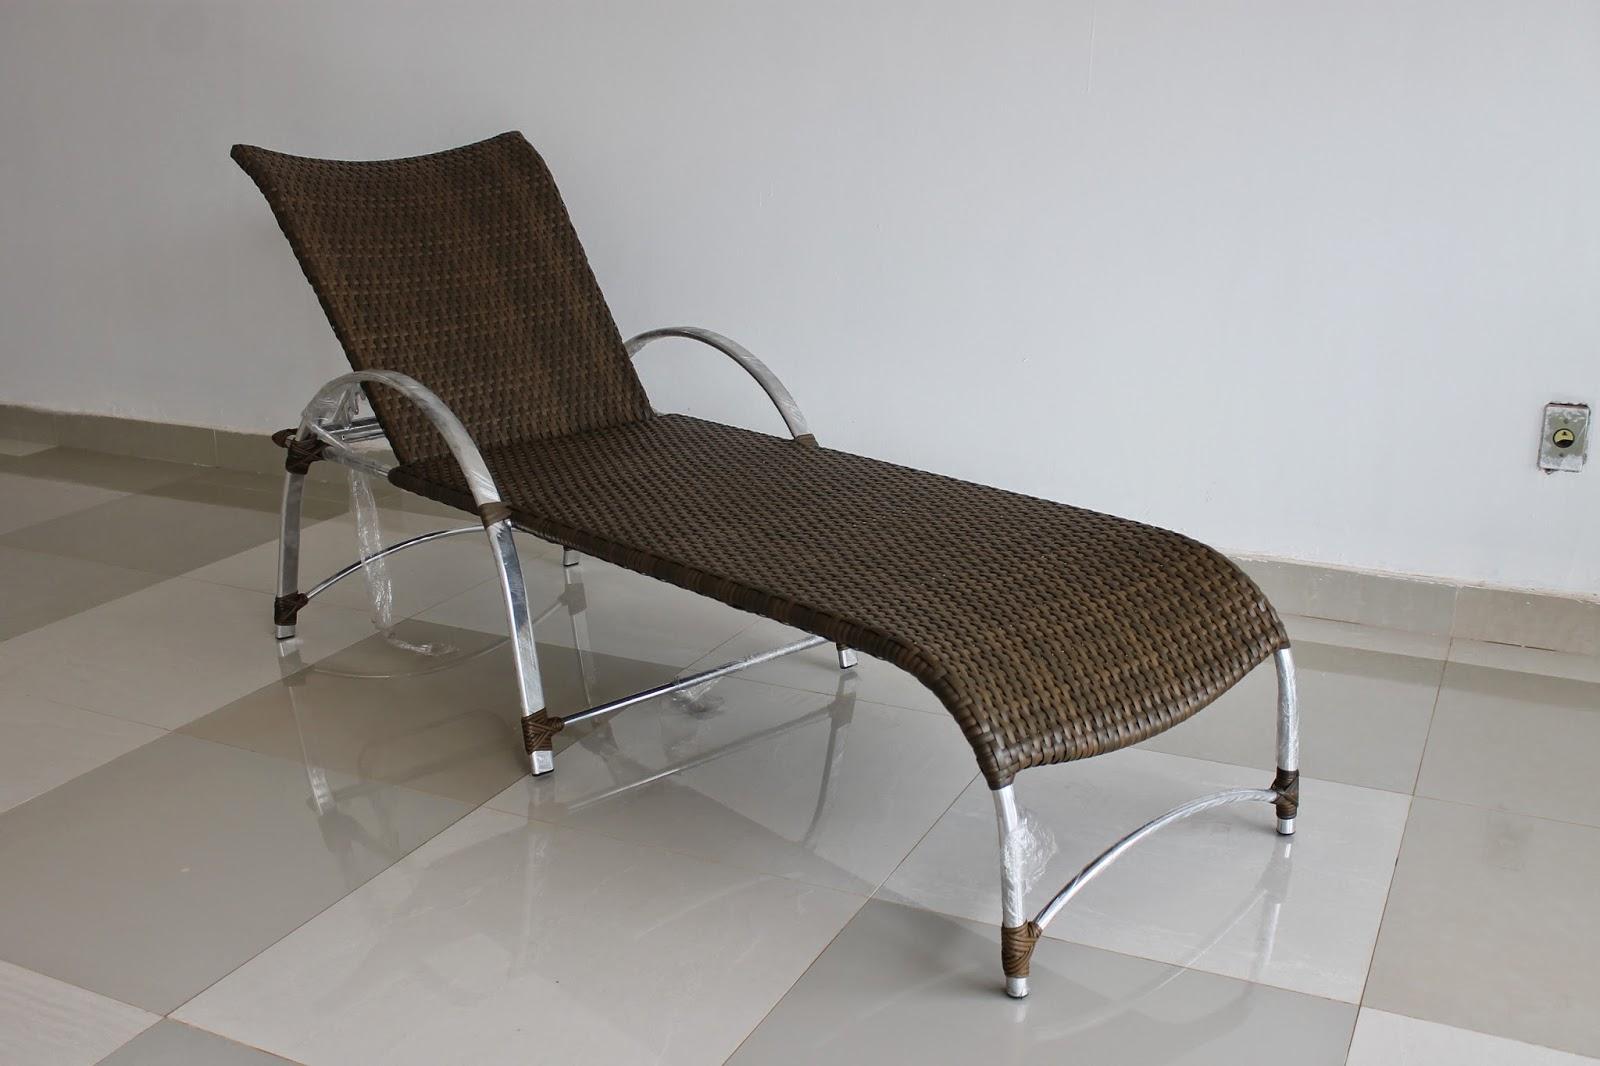 Cadeiras de piscina #3B3025 1600x1066